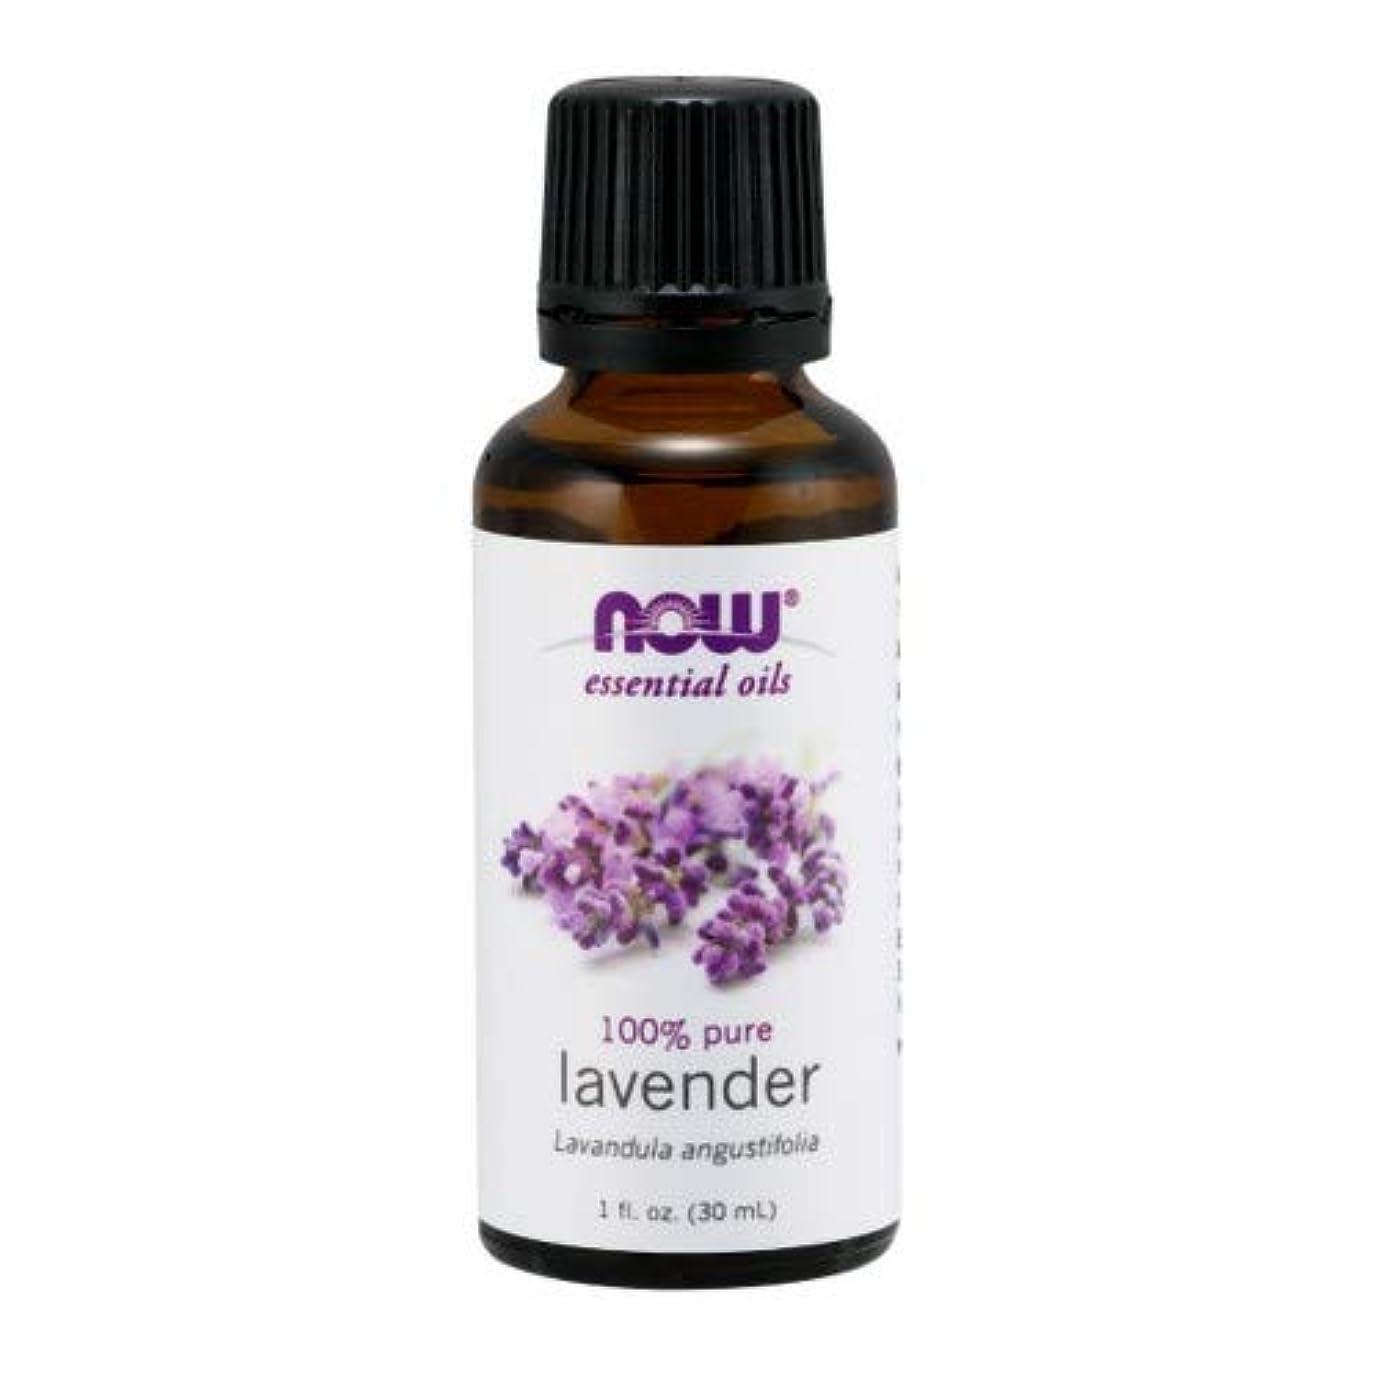 風が強い元気なビルダーエッセンシャルオイル ラベンダーオイル 30ml 2個セット ナウフーズ 並行輸入品 NOW Foods Essential Oils Lavender 1 oz Pack of 2